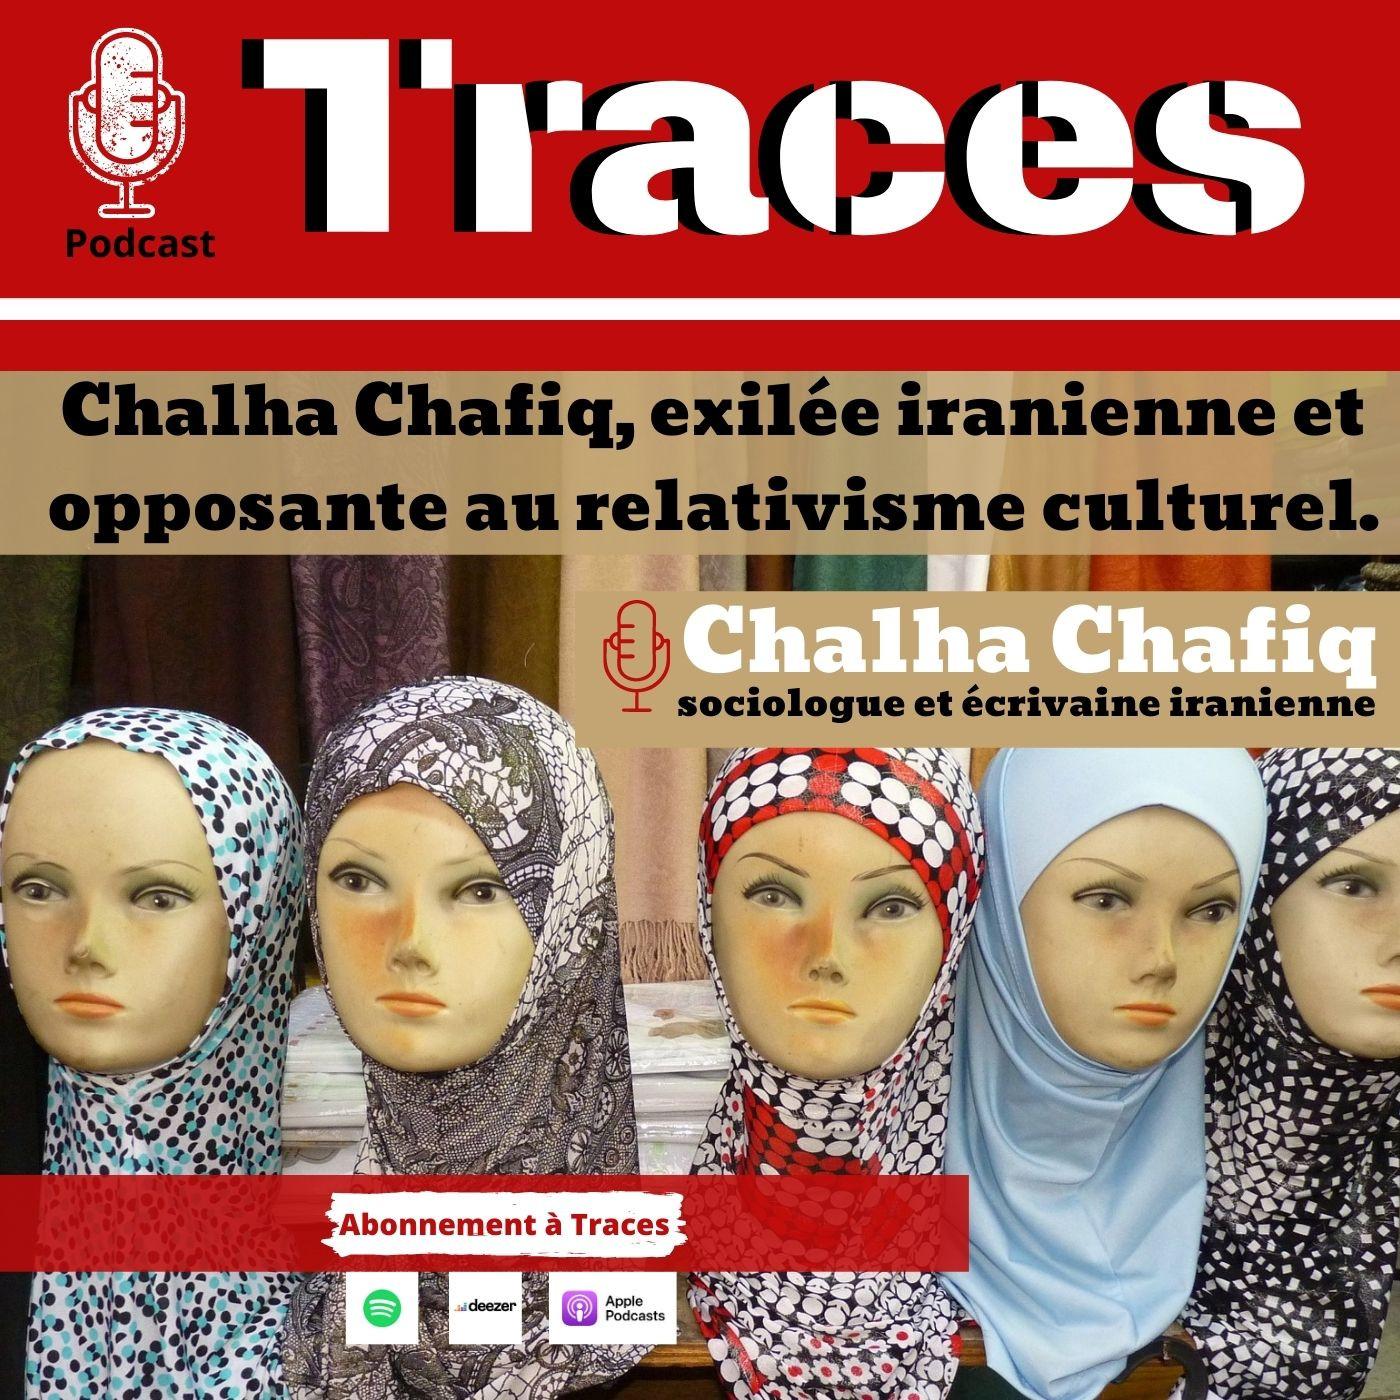 Chalha Chafiq, exilée iranienne et opposante au relativisme culturel.